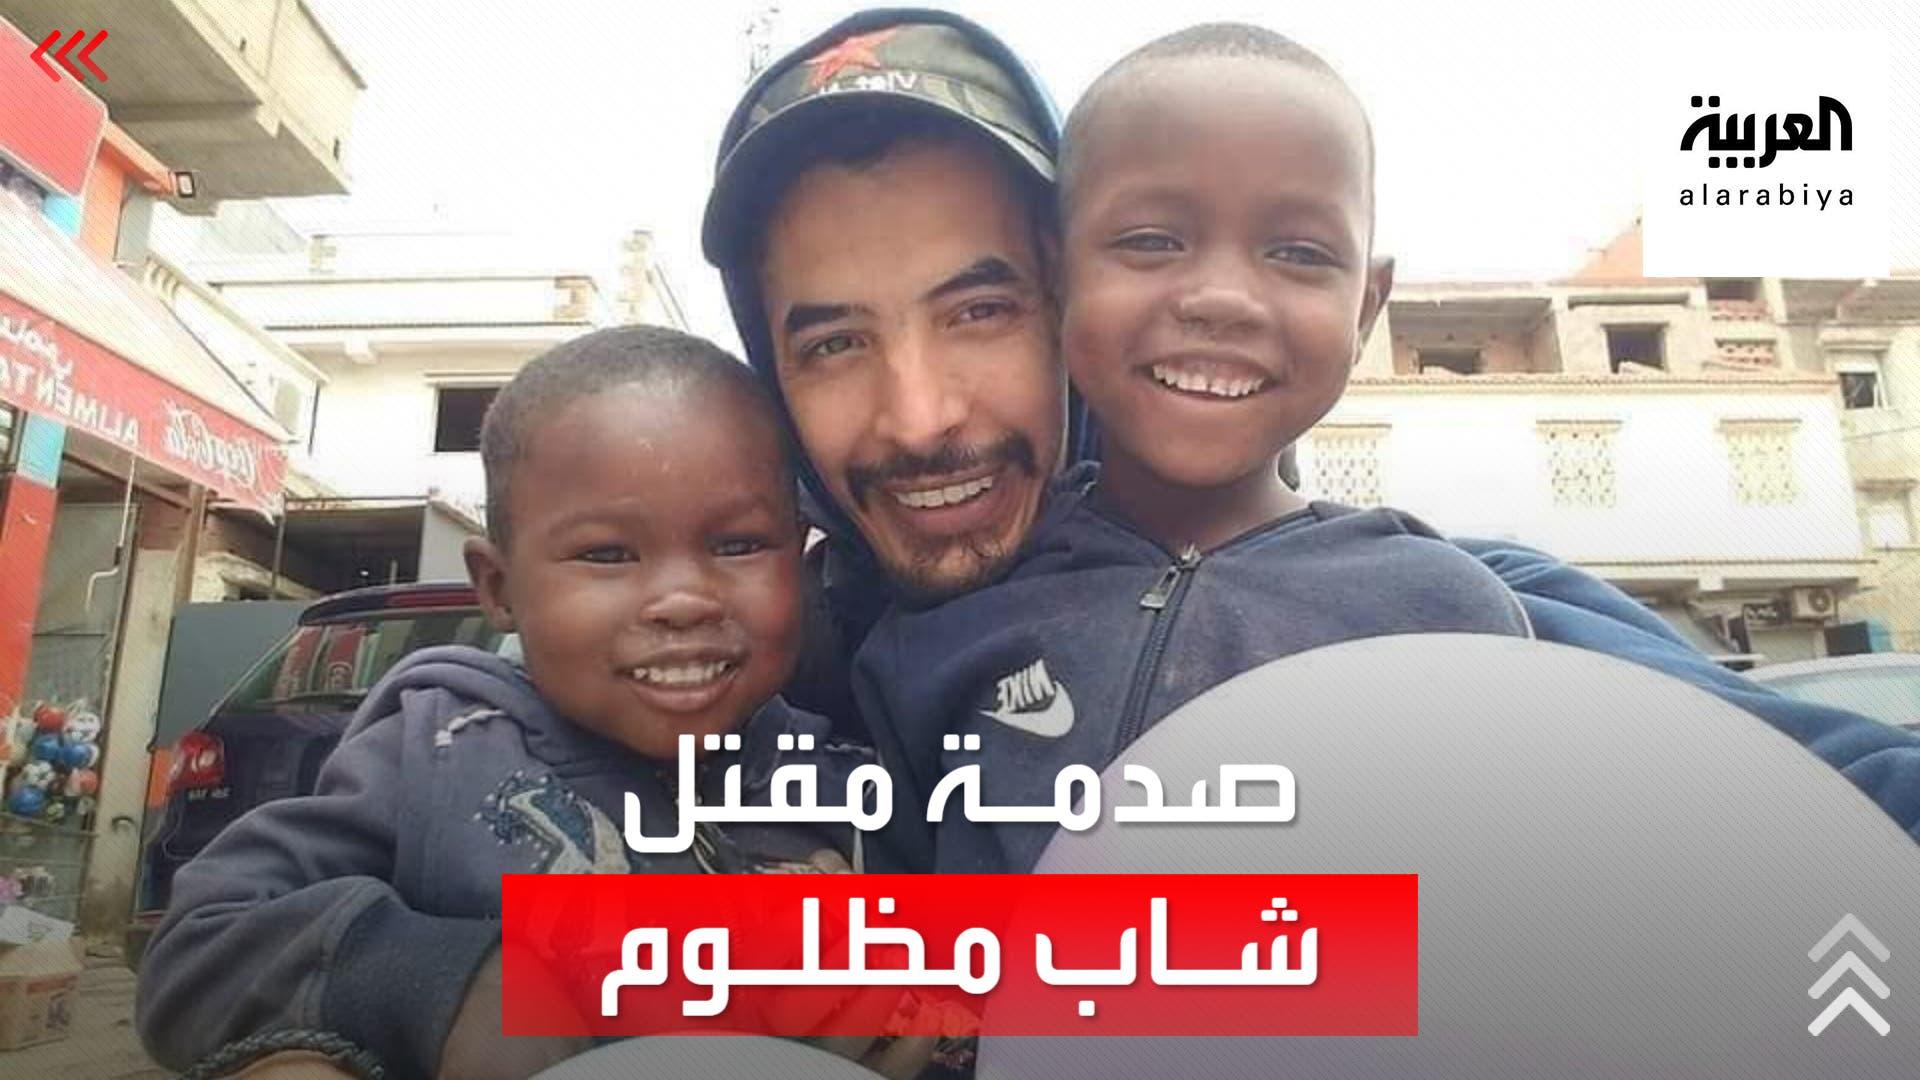 صدمة في الجزائر بعد مقتل شاب بريء